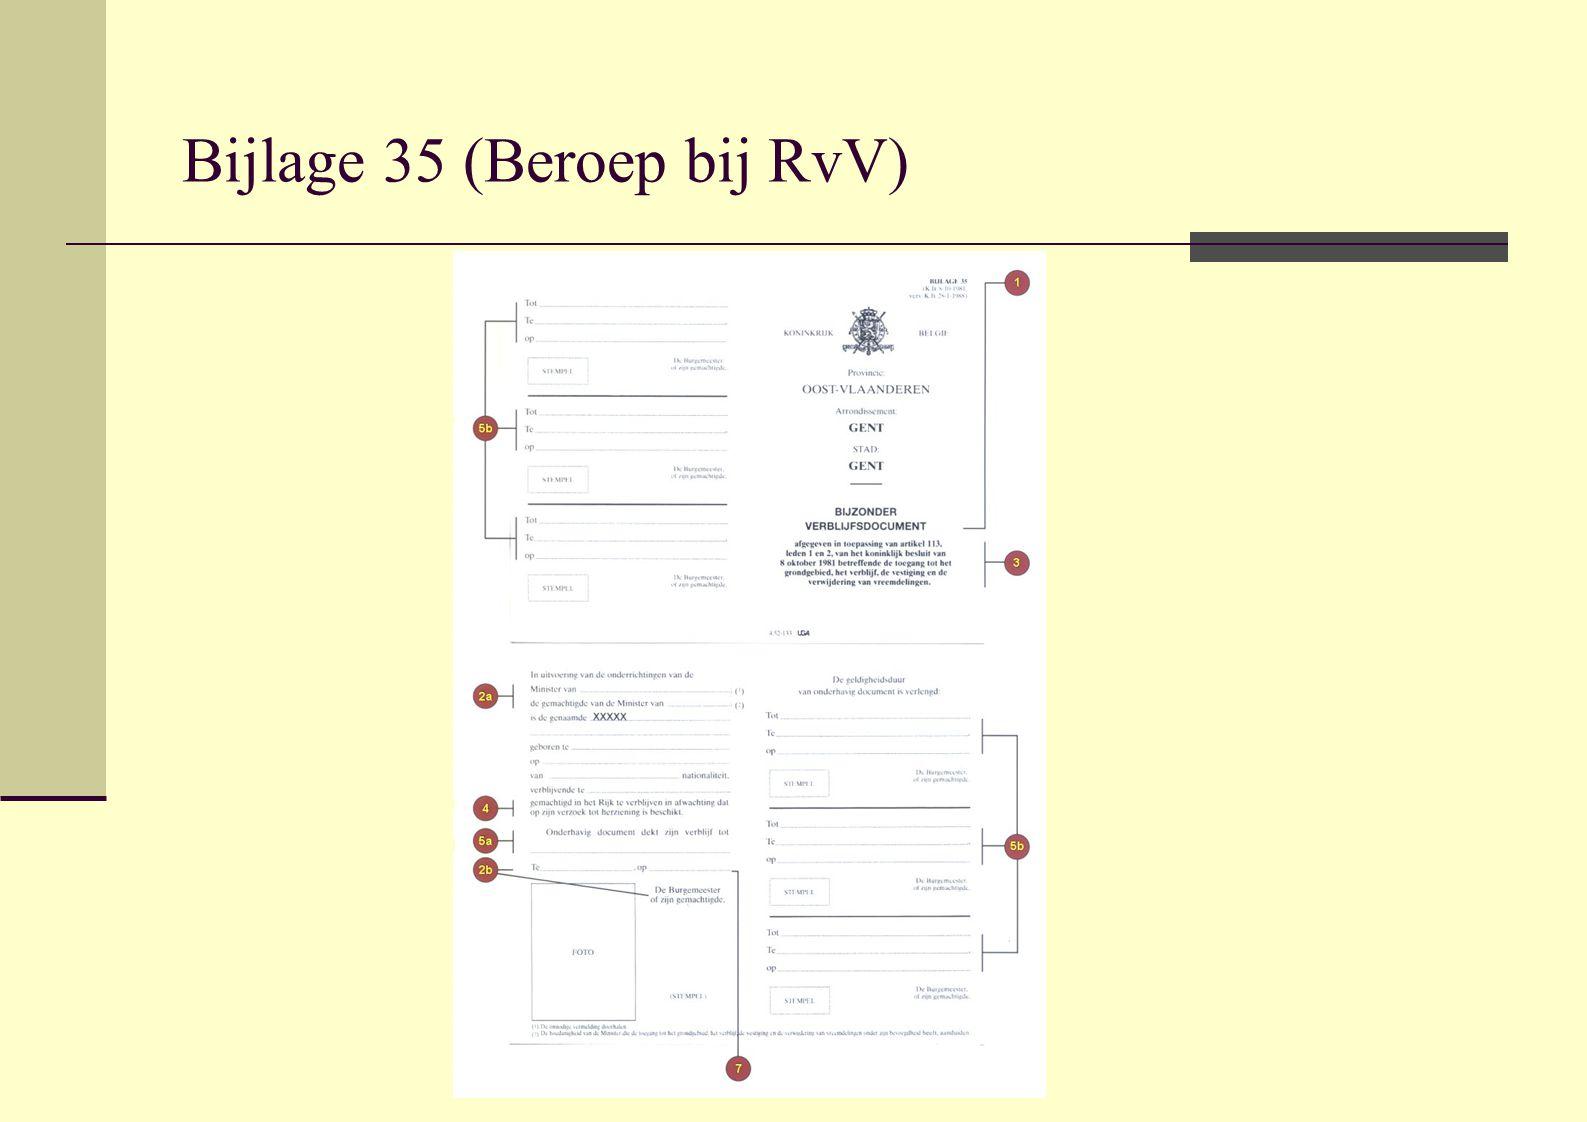 Bijlage 35 (Beroep bij RvV)